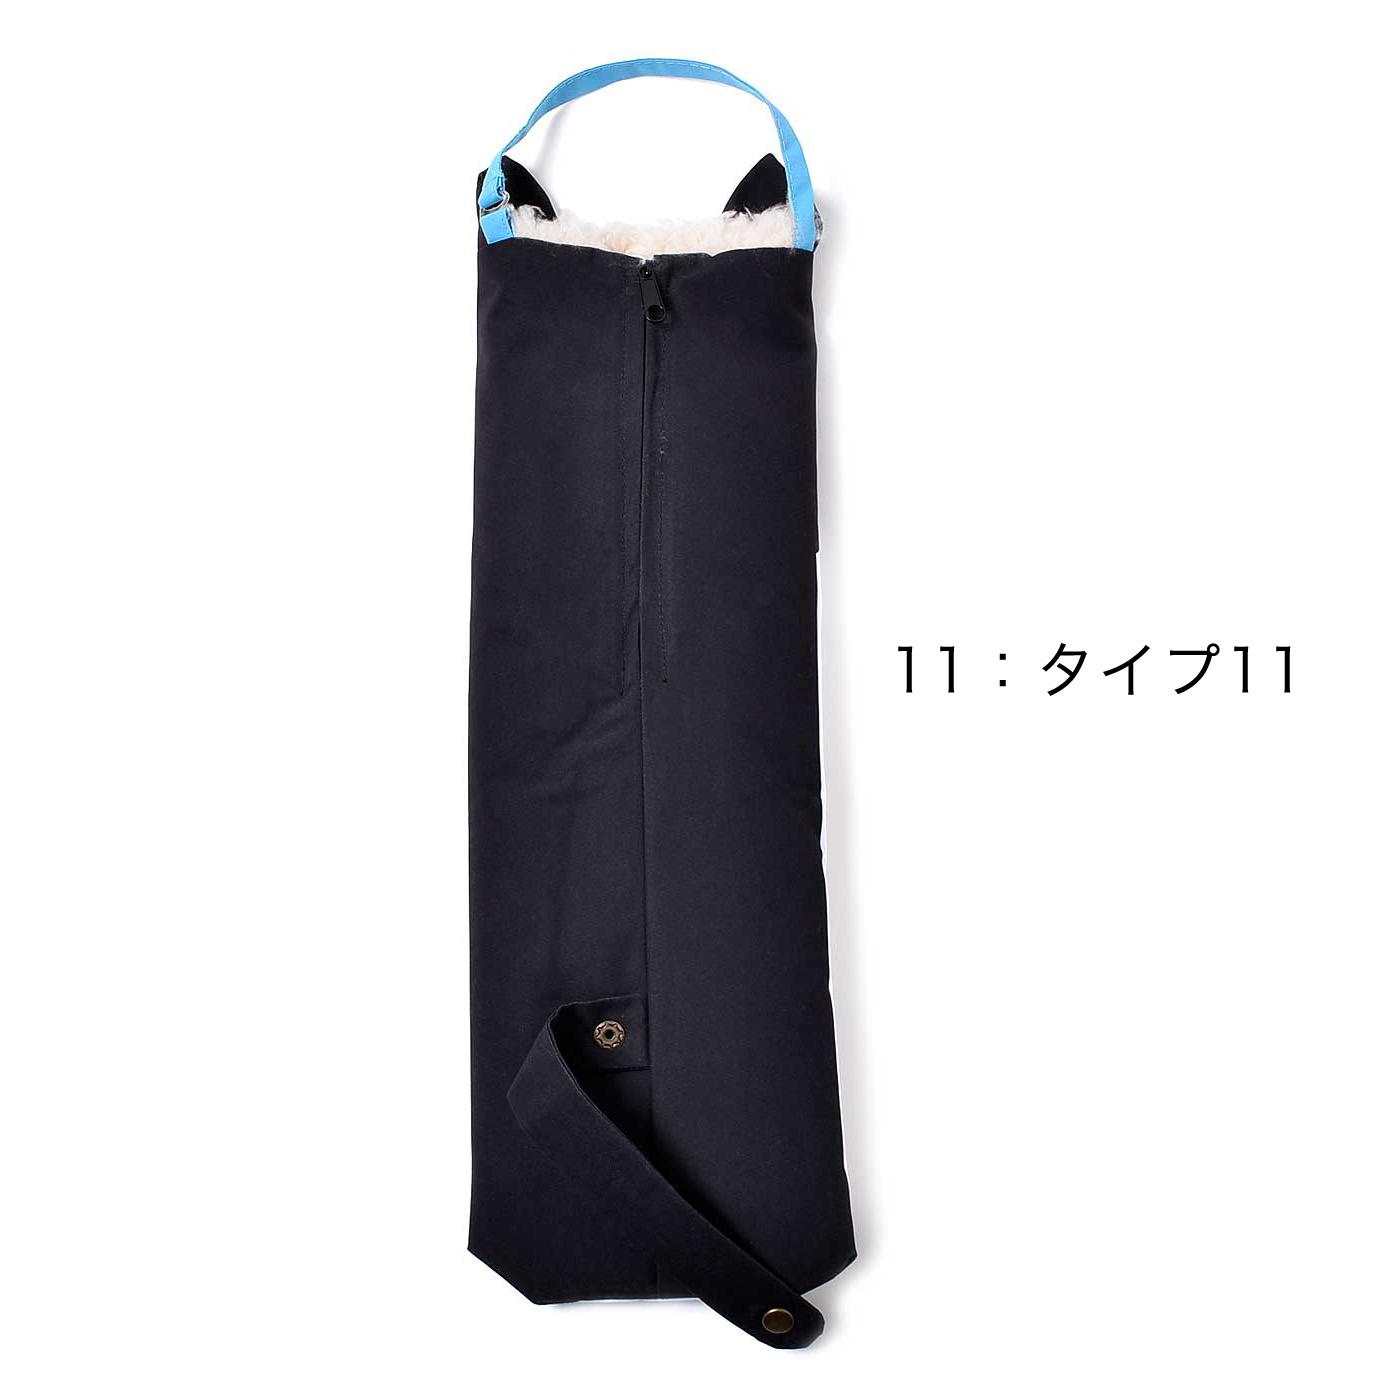 バッグの持ち手に掛けられるフック付き。